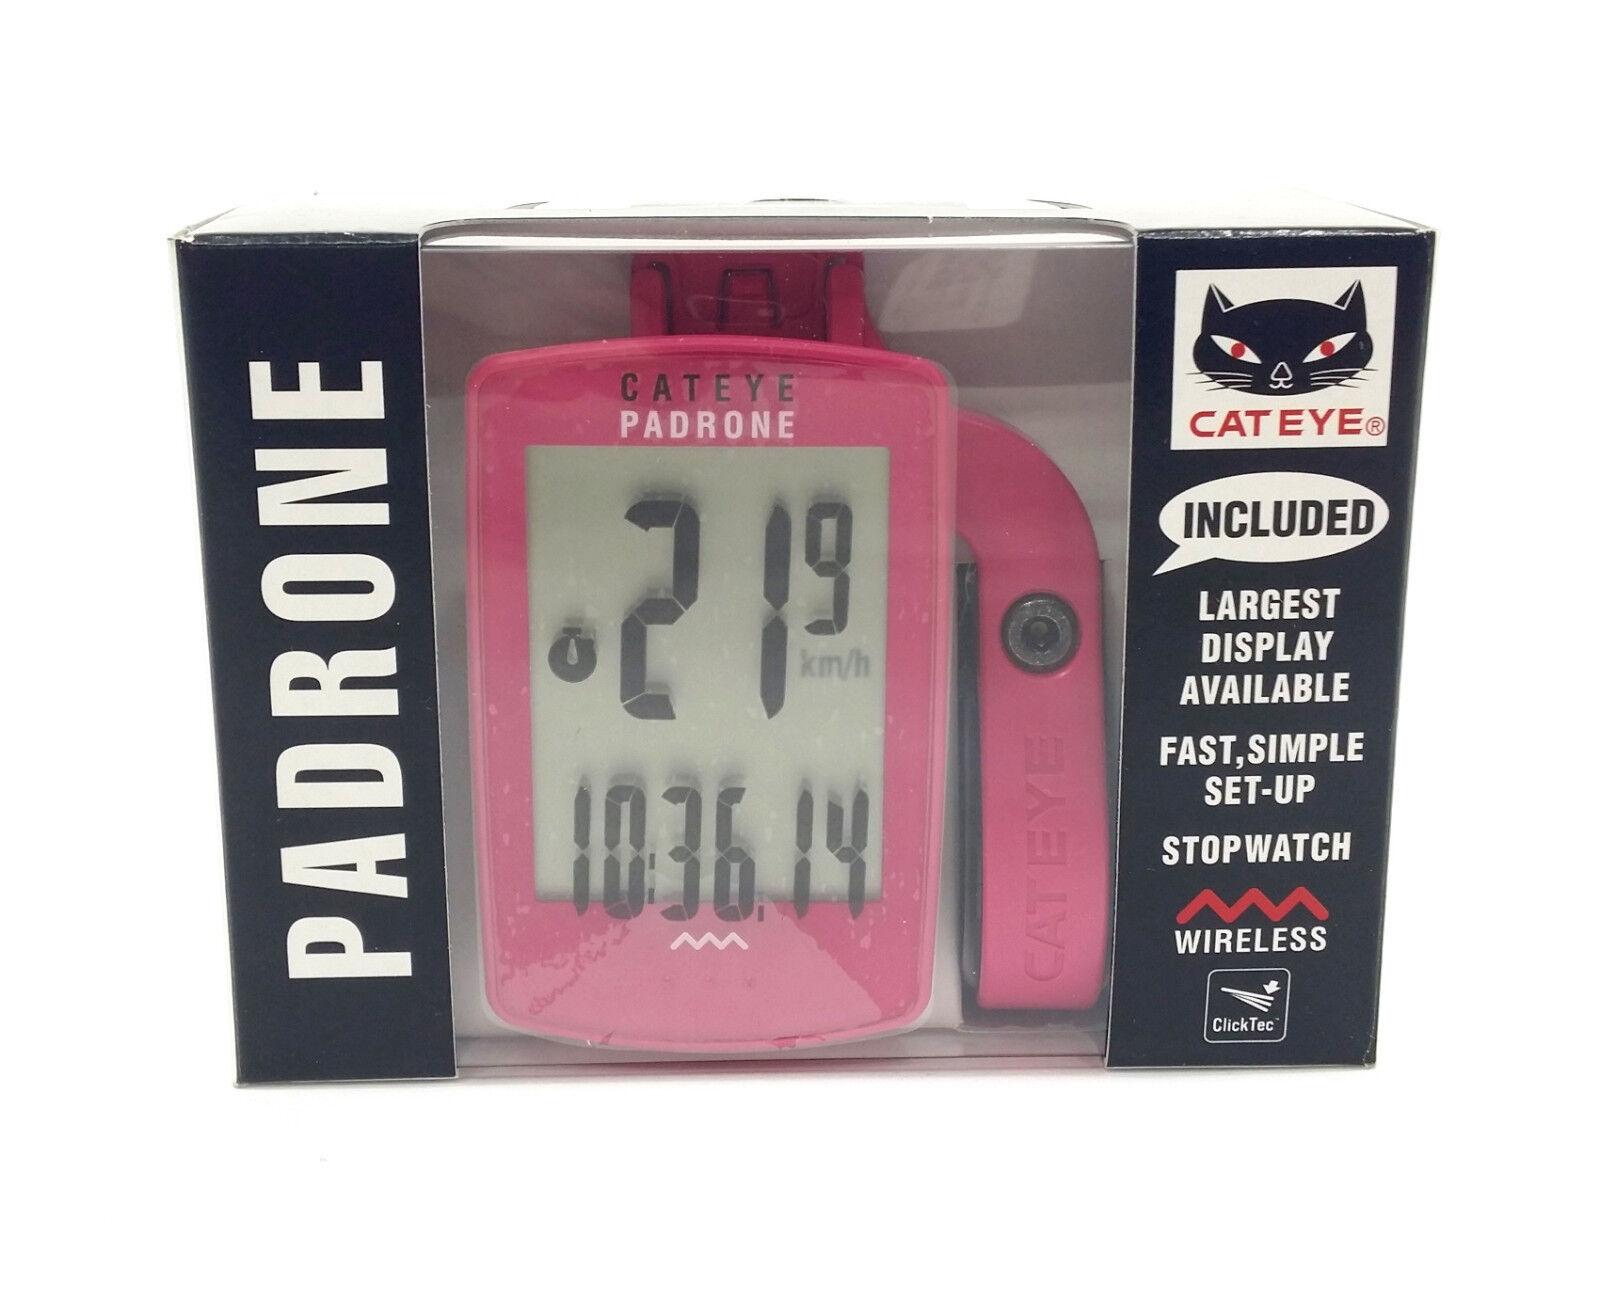 CatEye Padrone Wireless Cycling Computer, Fuchsia Pink